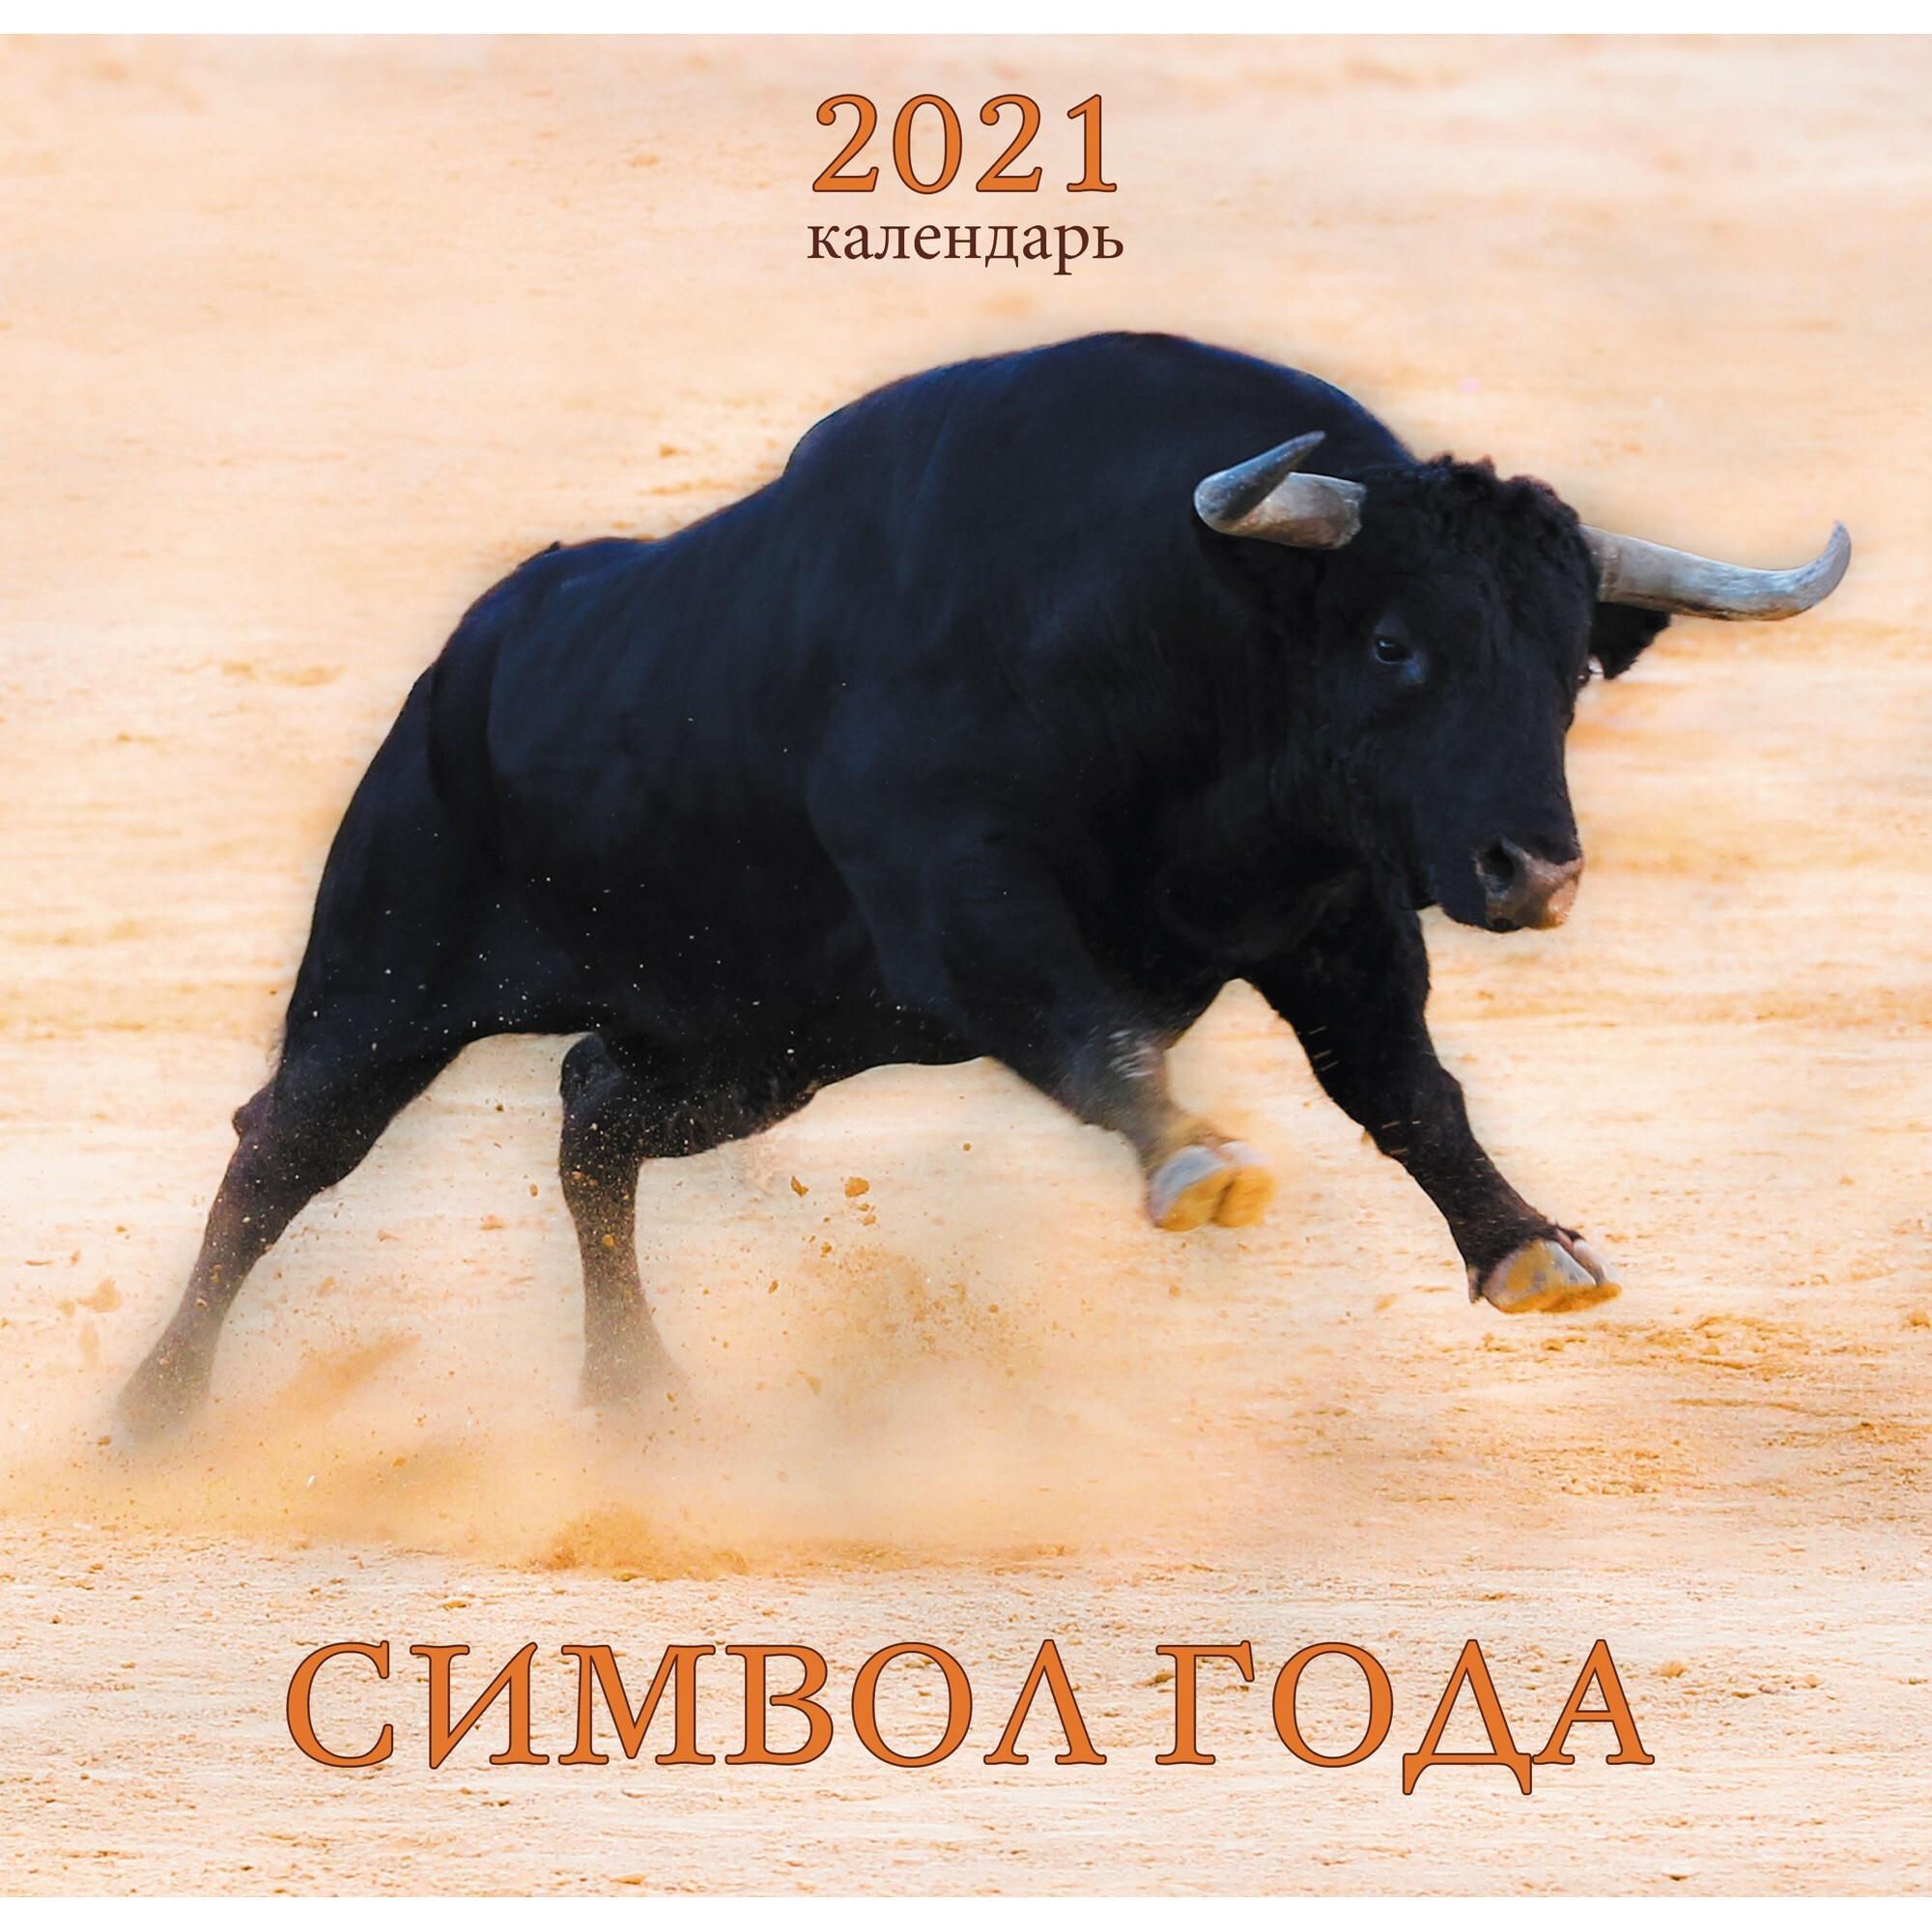 Календарь настенный перекидной Символ года (дизайн 2) на 2021 год.